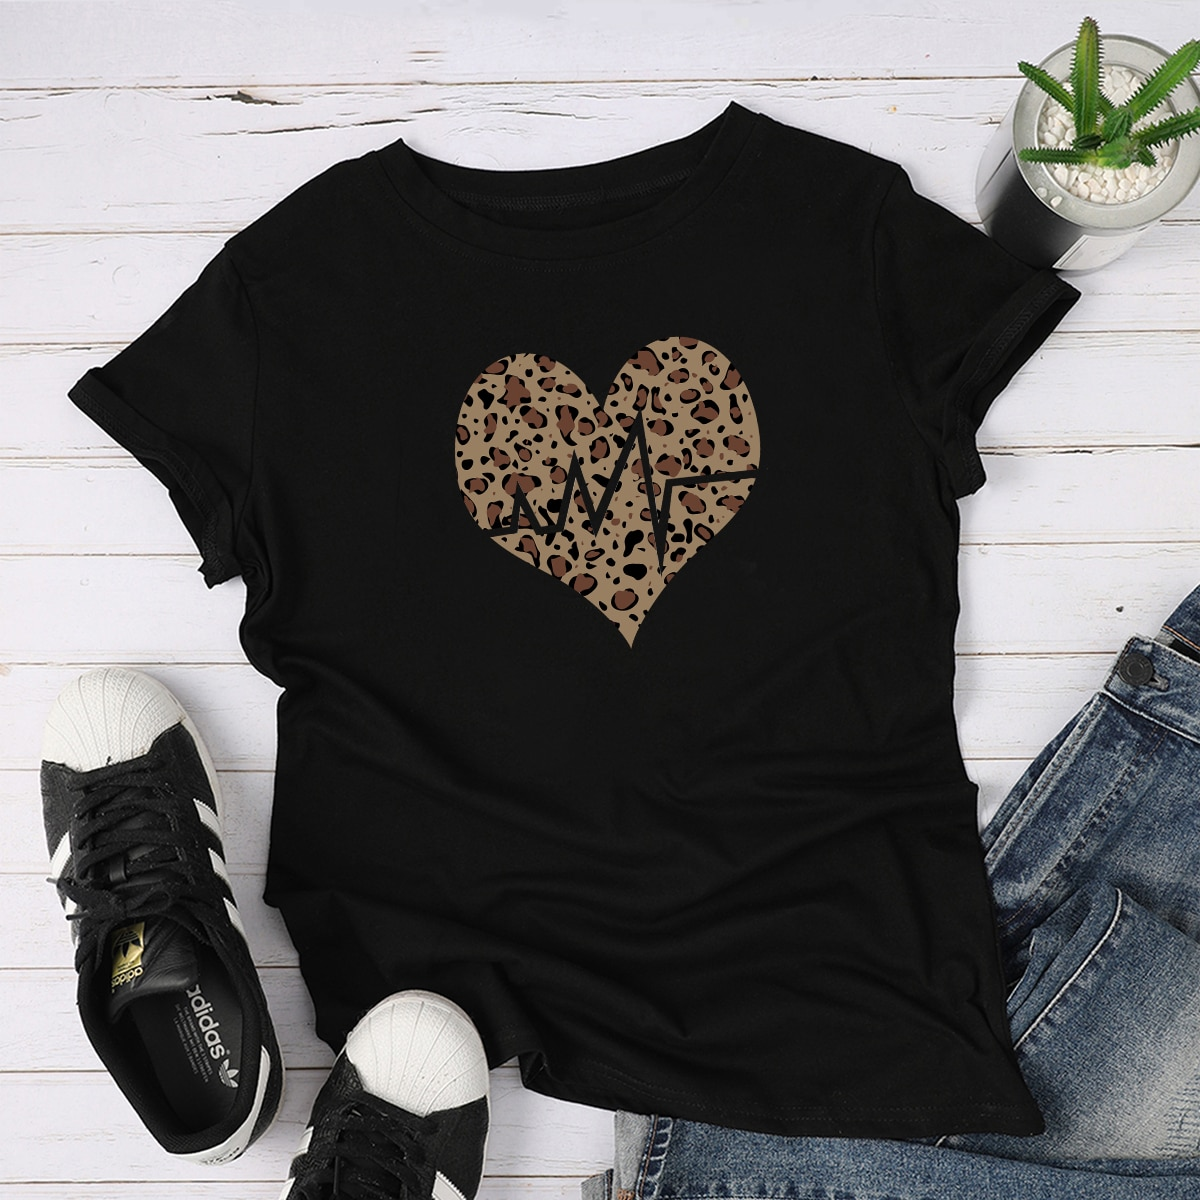 Футболка с леопардовым принтом и принтом сердечка